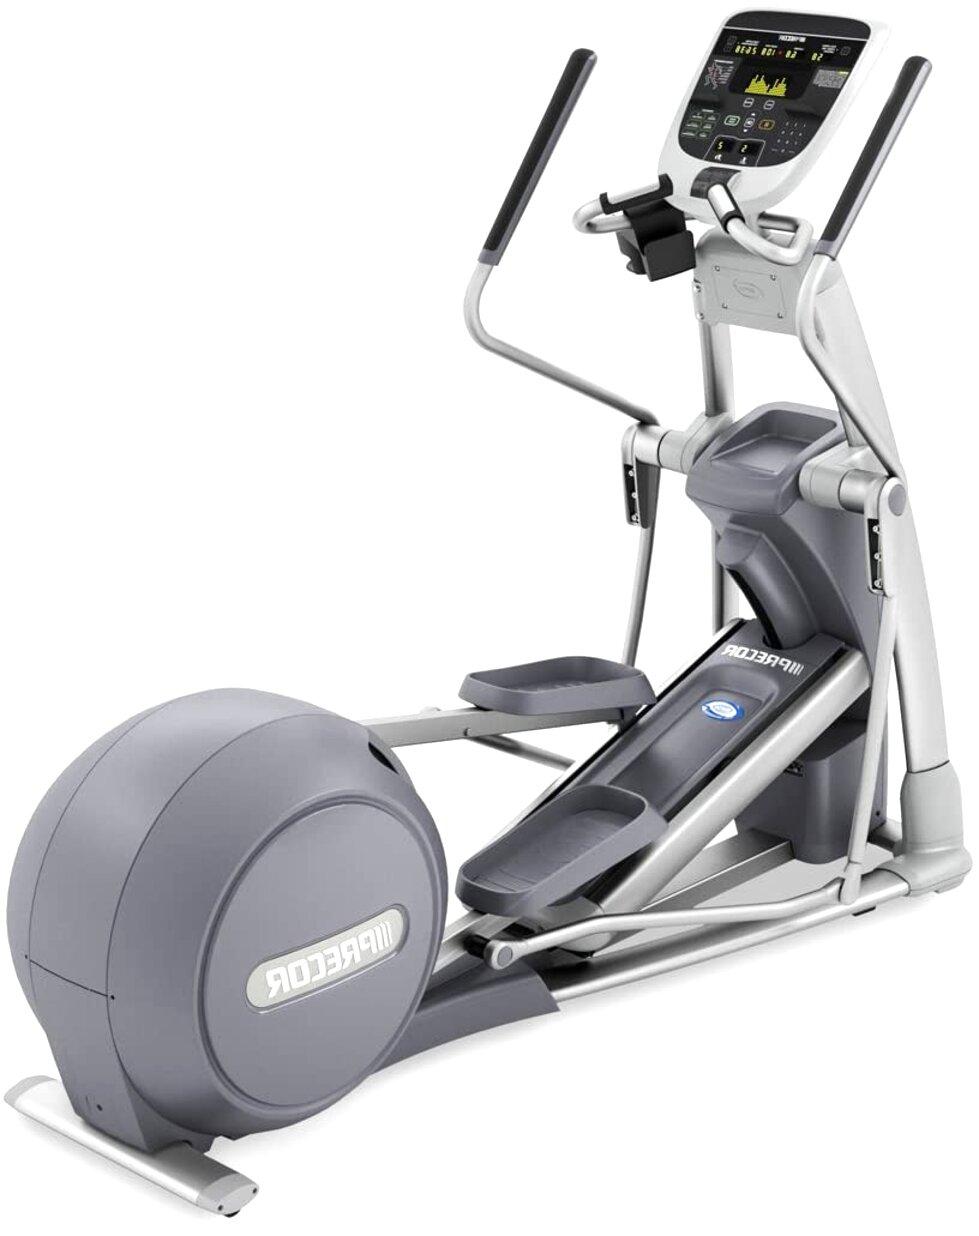 precor efx elliptical for sale